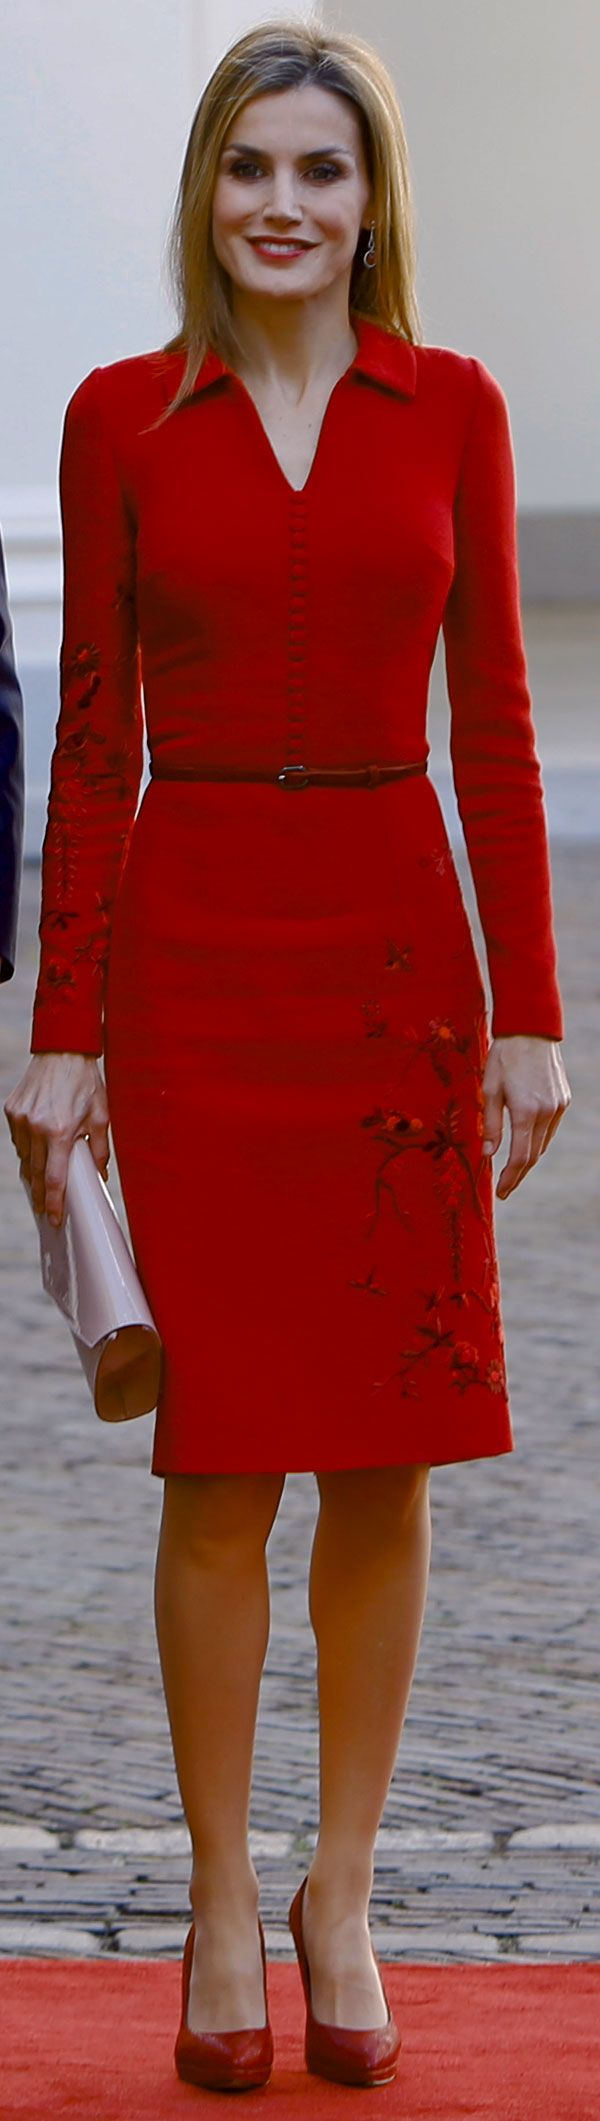 Letizia  - Es un vestido camisero en doble crepé carmesí con bordado asimétrico a mano en diez tonos de hilo de algodón satinado de inspiración oriental, en falda y manga, y estrecho cinturón de ante. Lo acompañó con un sobre de charol rosech, también de Felipe Varela, que últimamente utiliza mucho, y salones de ante,  de Magrit, en el tono del vestido.